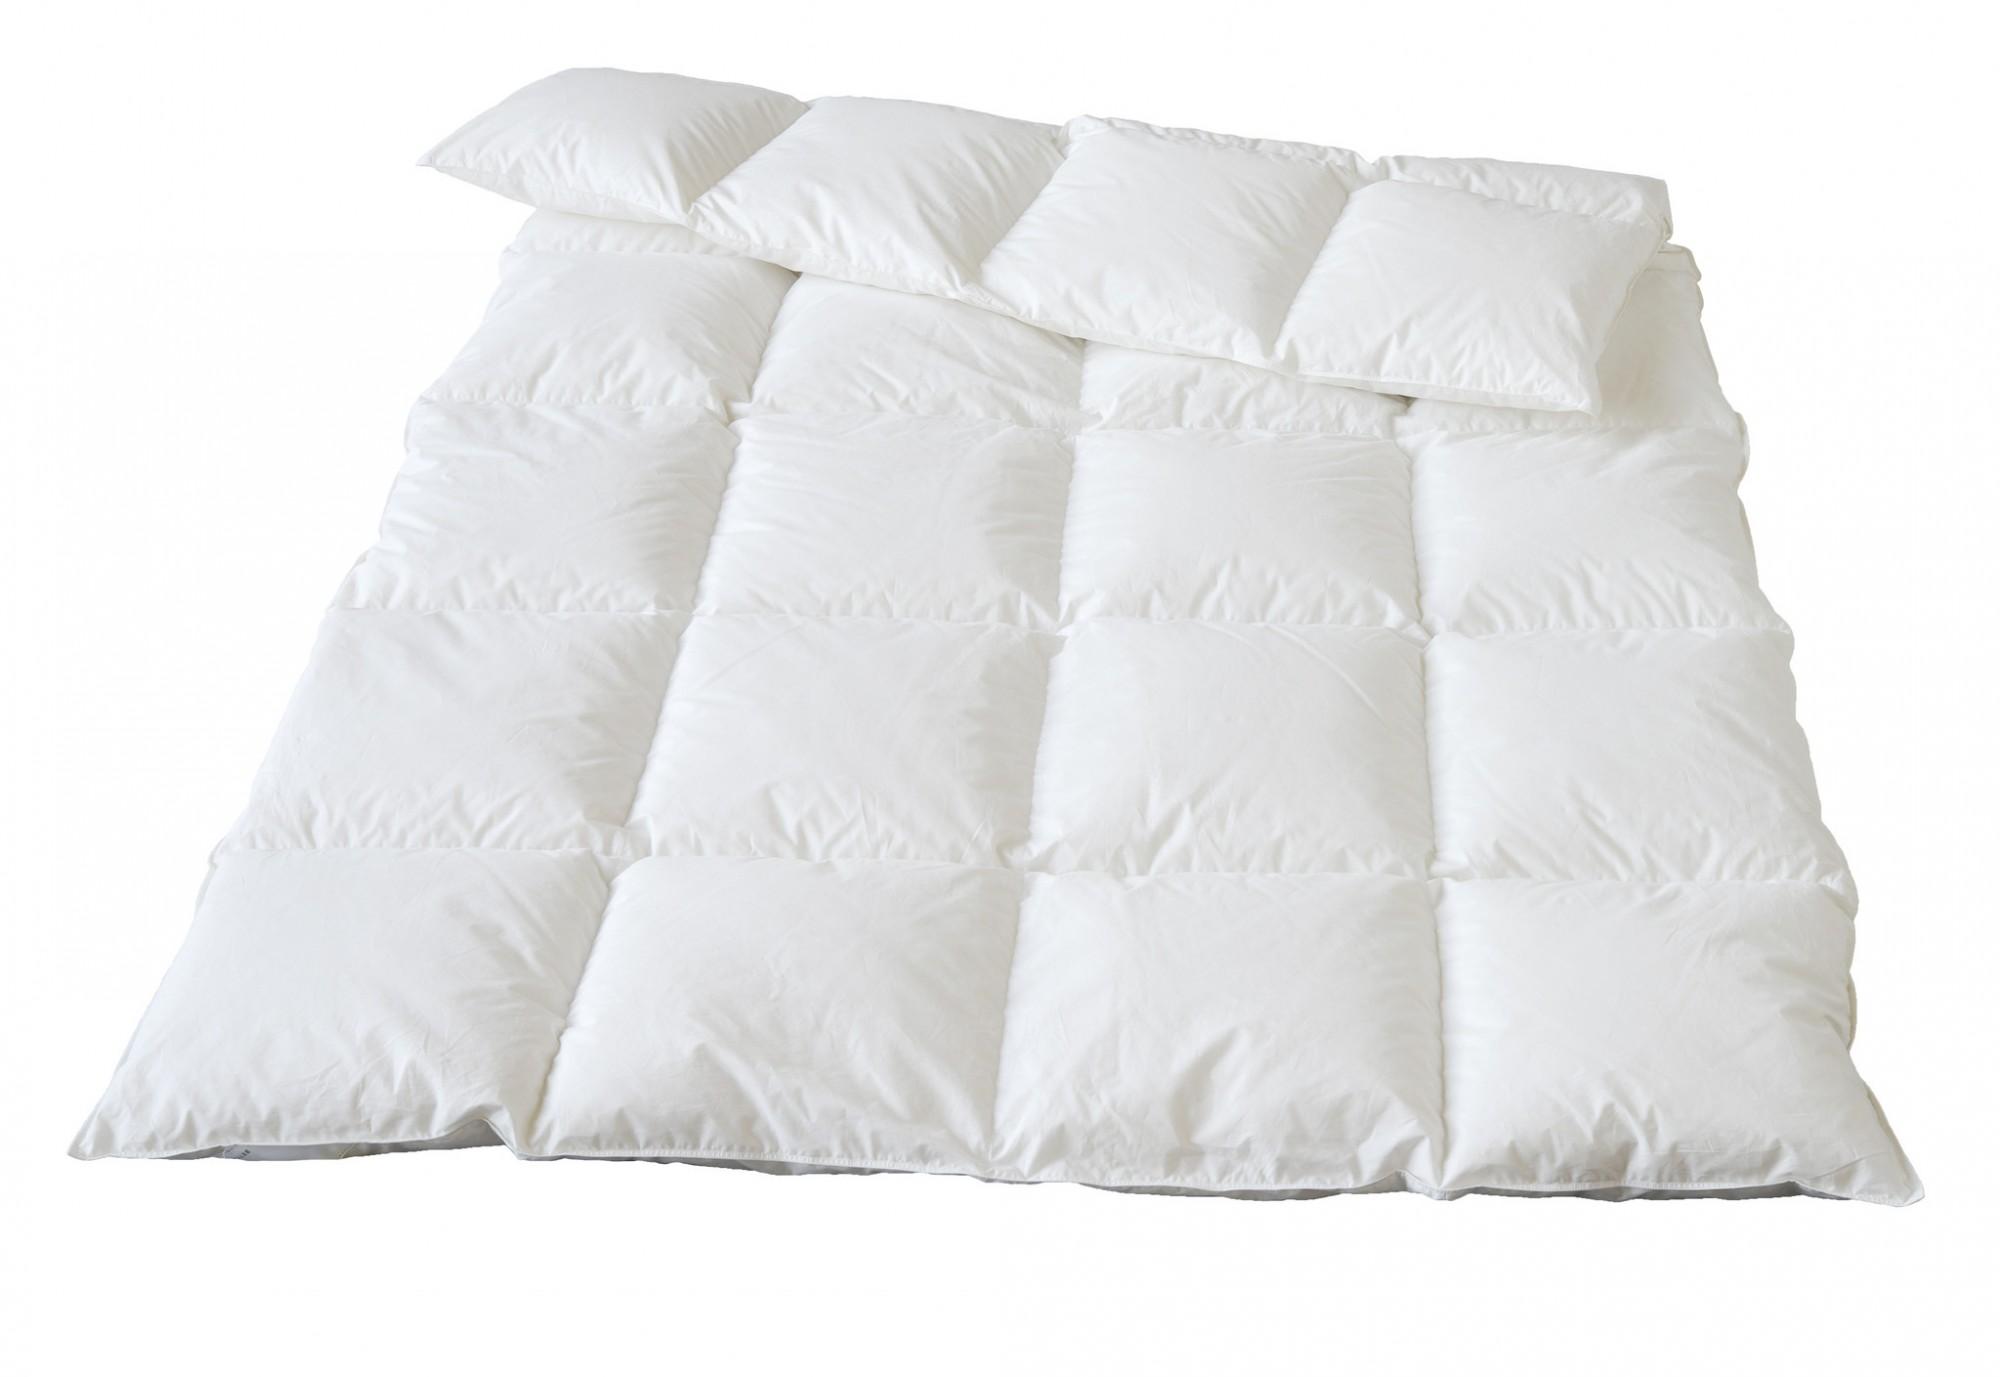 Одеяло пуховое Traumina облегченное 200х220 Plume Bio Daune light WK1